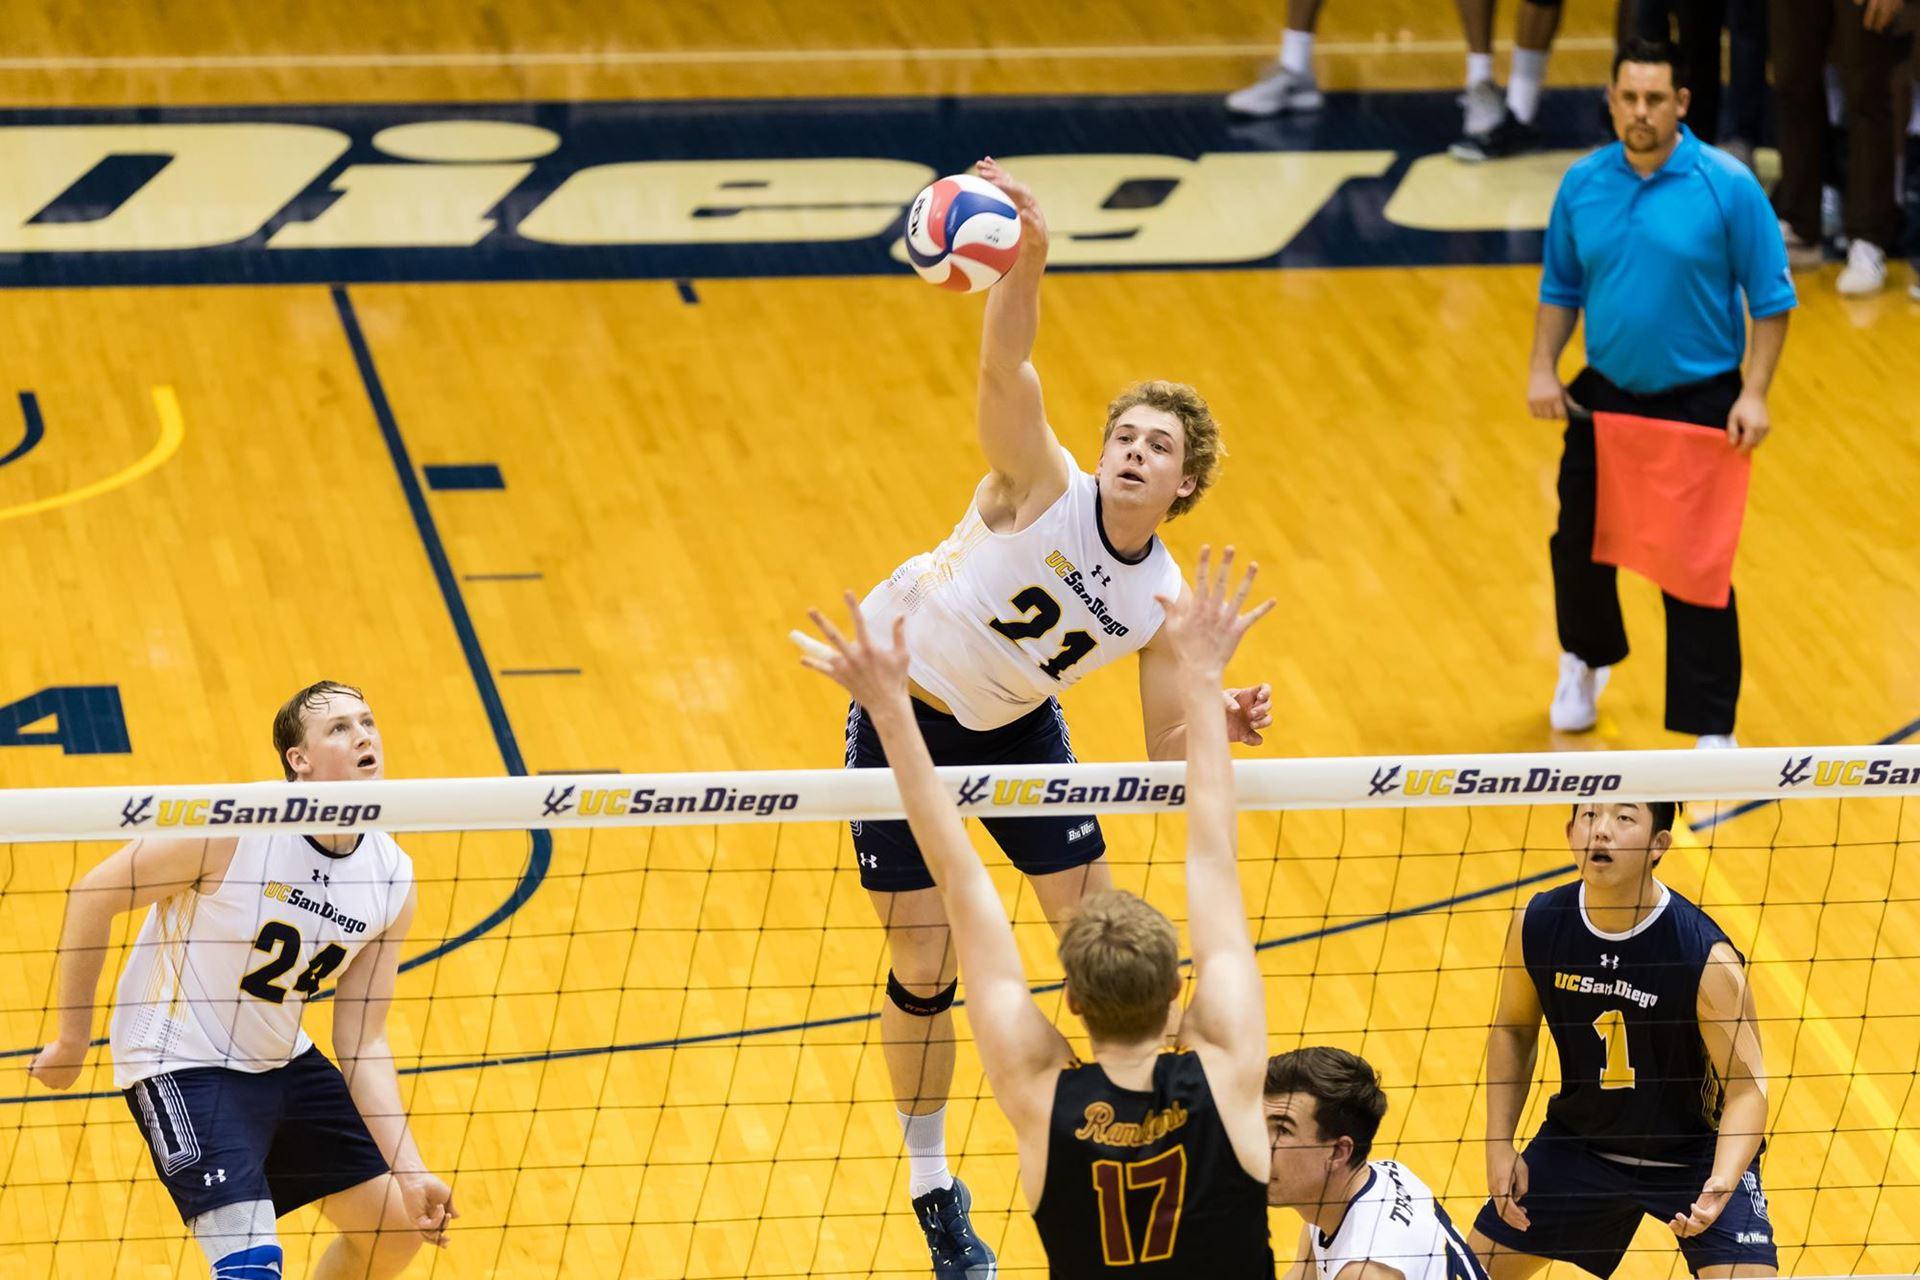 UCSD Men ' s Volleyball Klopft Off Top-Team, Kann Es Wieder Tun, Samstag